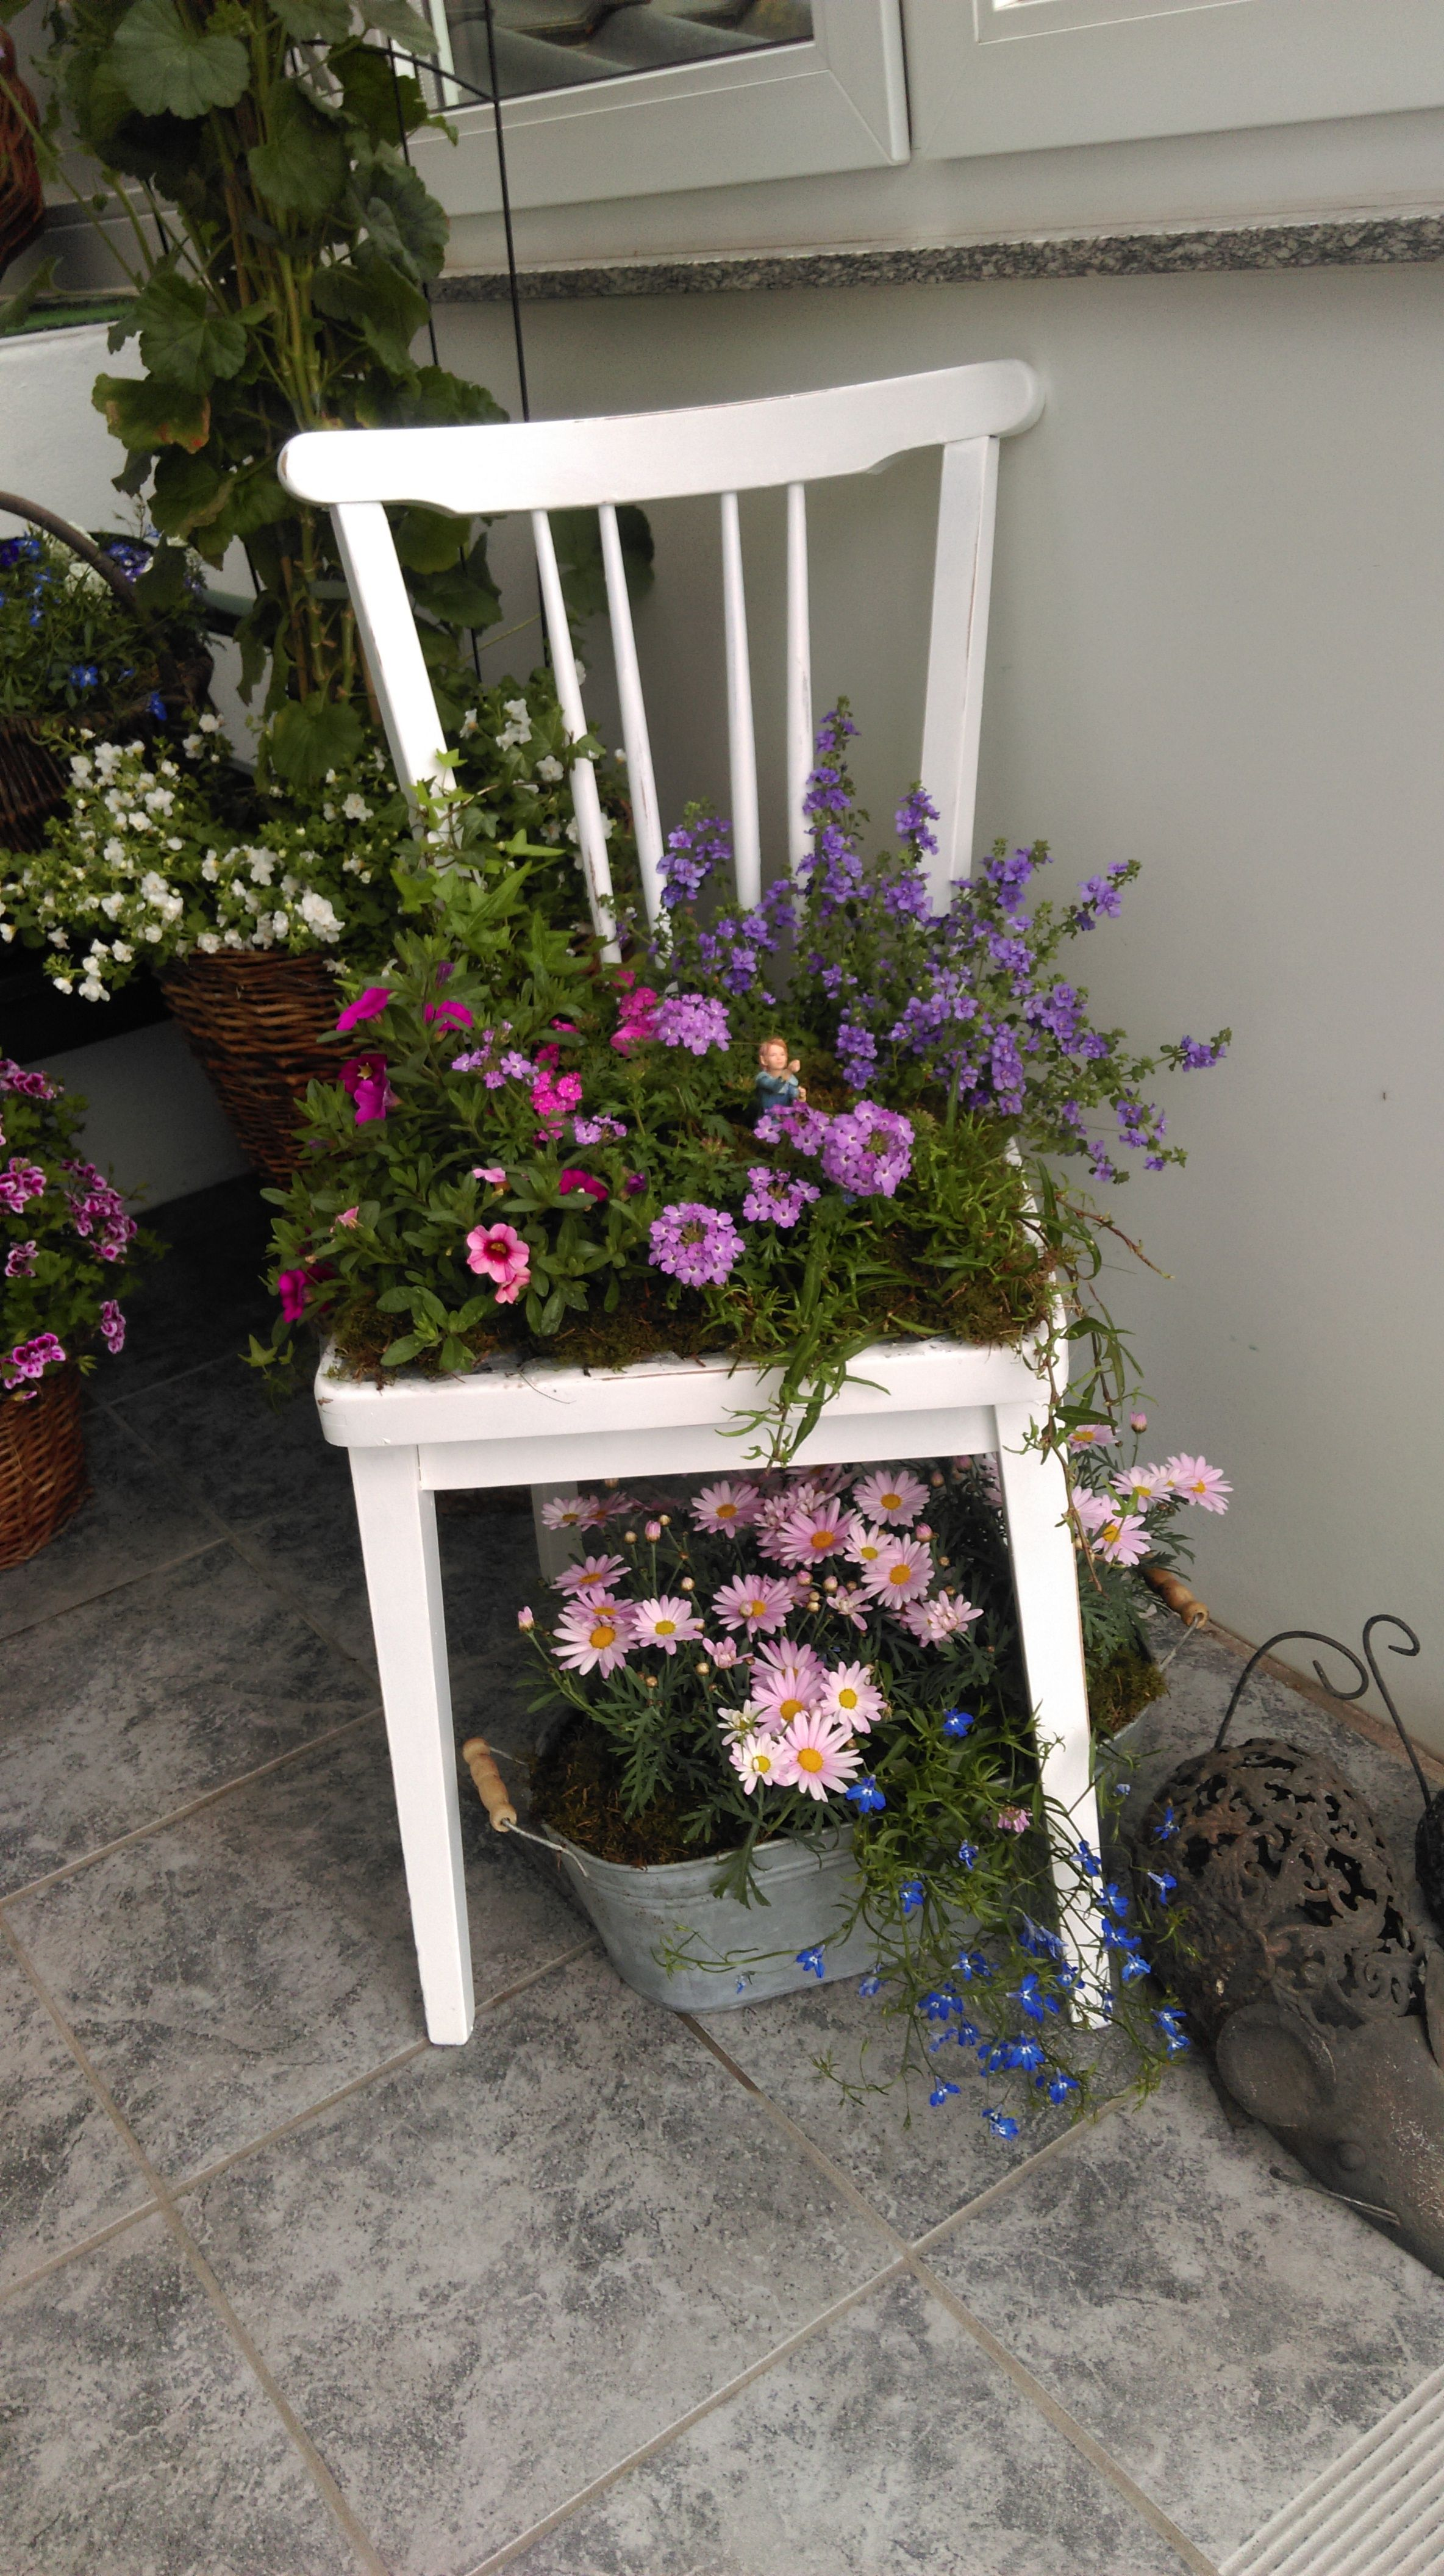 Stuhl Sommerlich Bepflanzt Gartenprojekte Pflanzen Gartendekoration